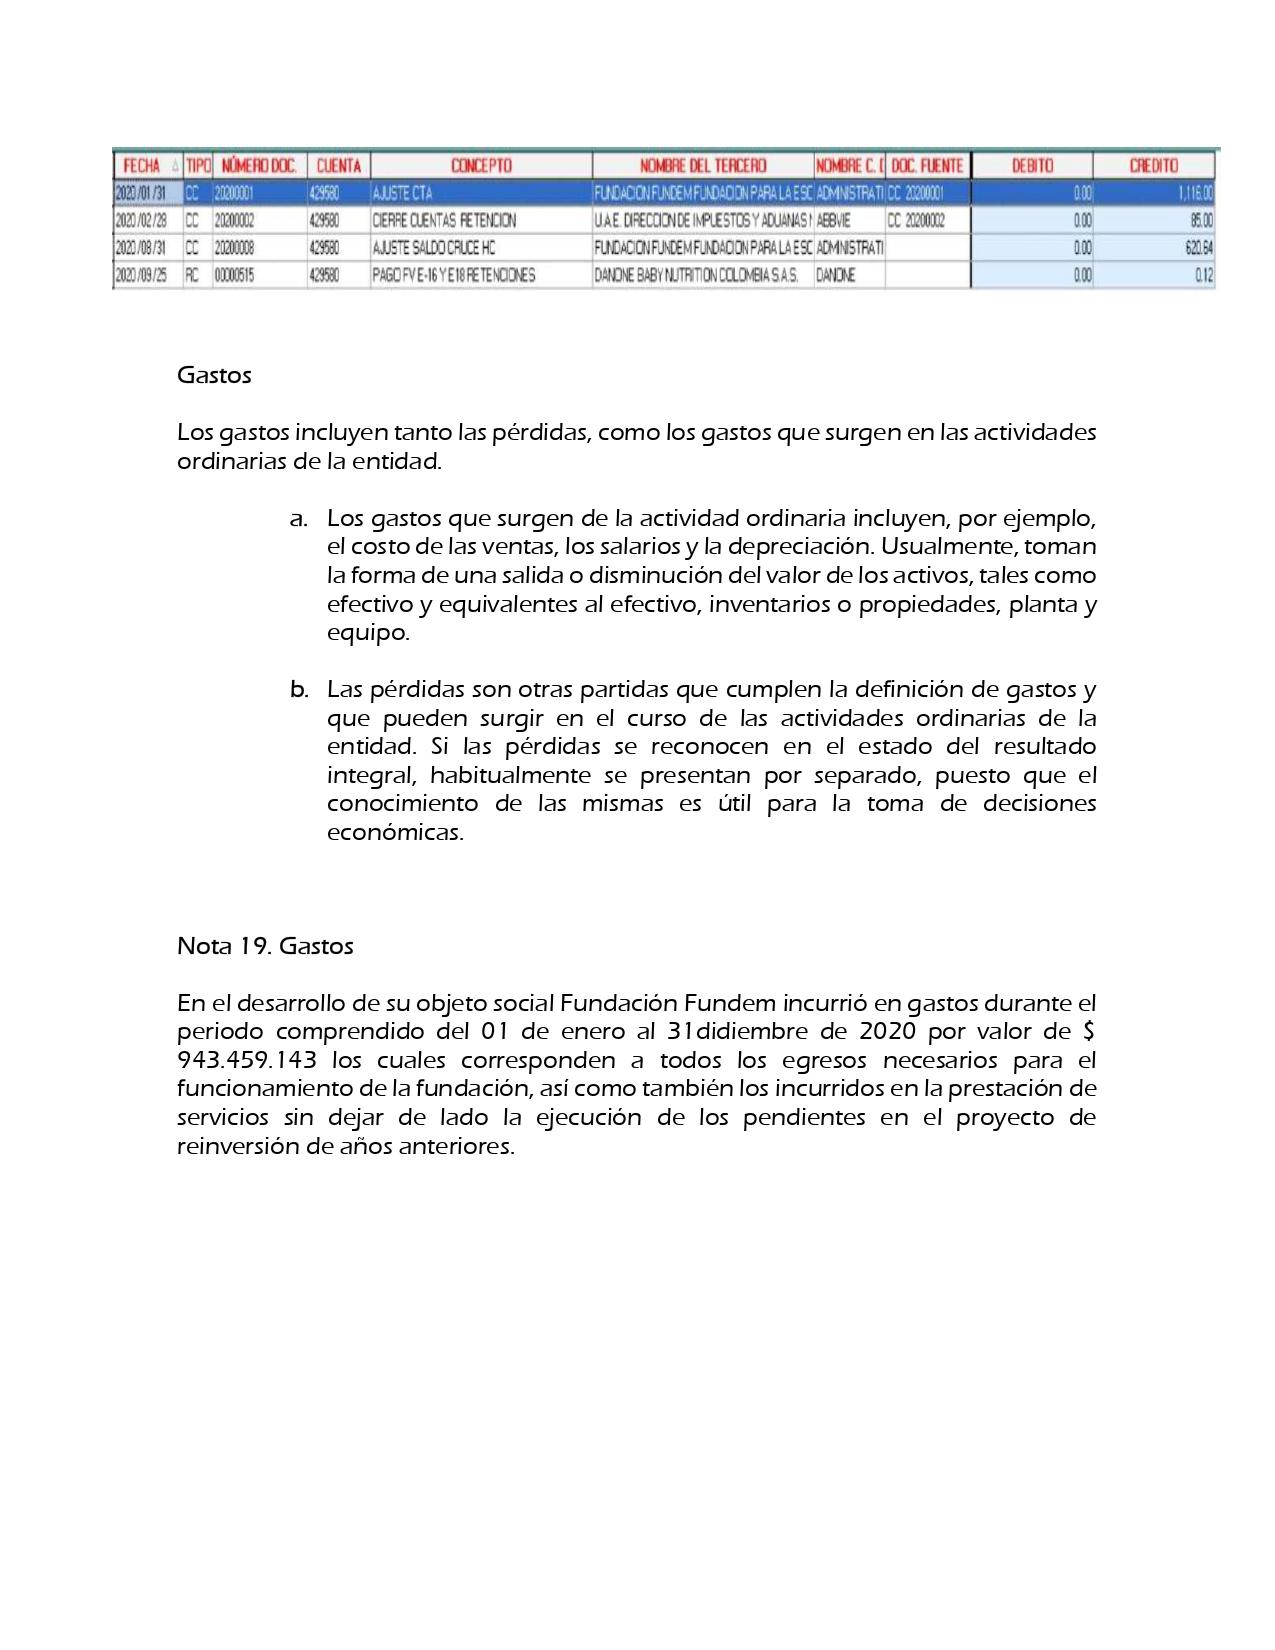 Estados Financieros Fundacion Fundem 2020_page-0033